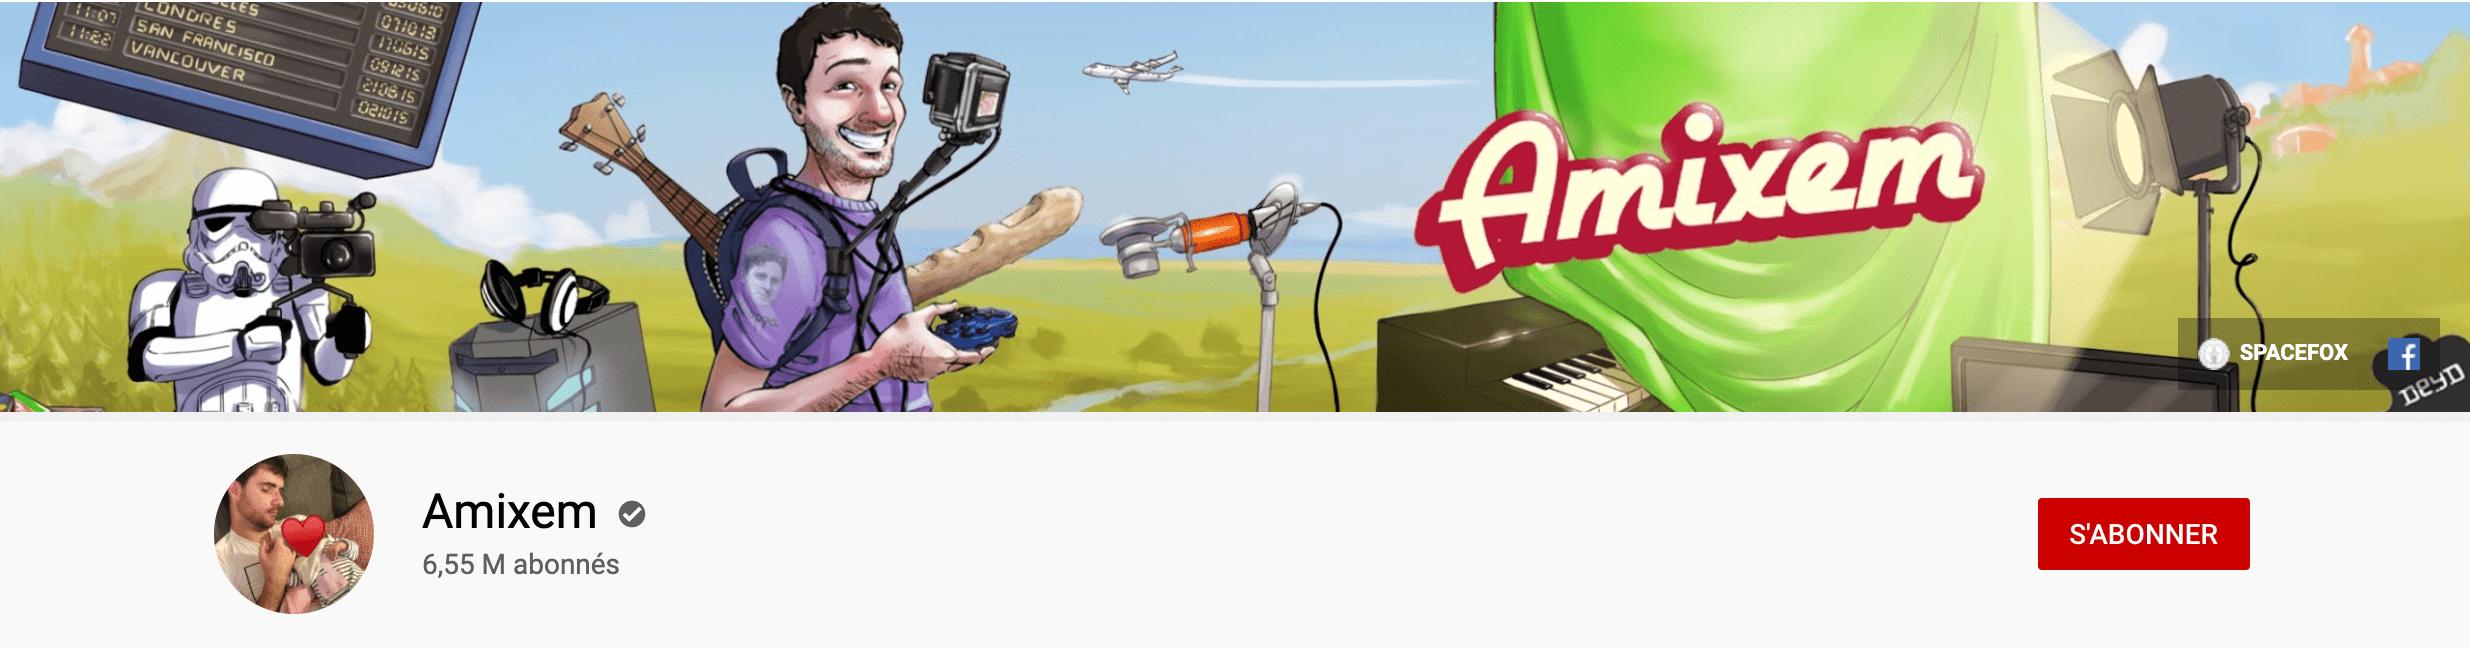 Bannière youtube d'Amixem